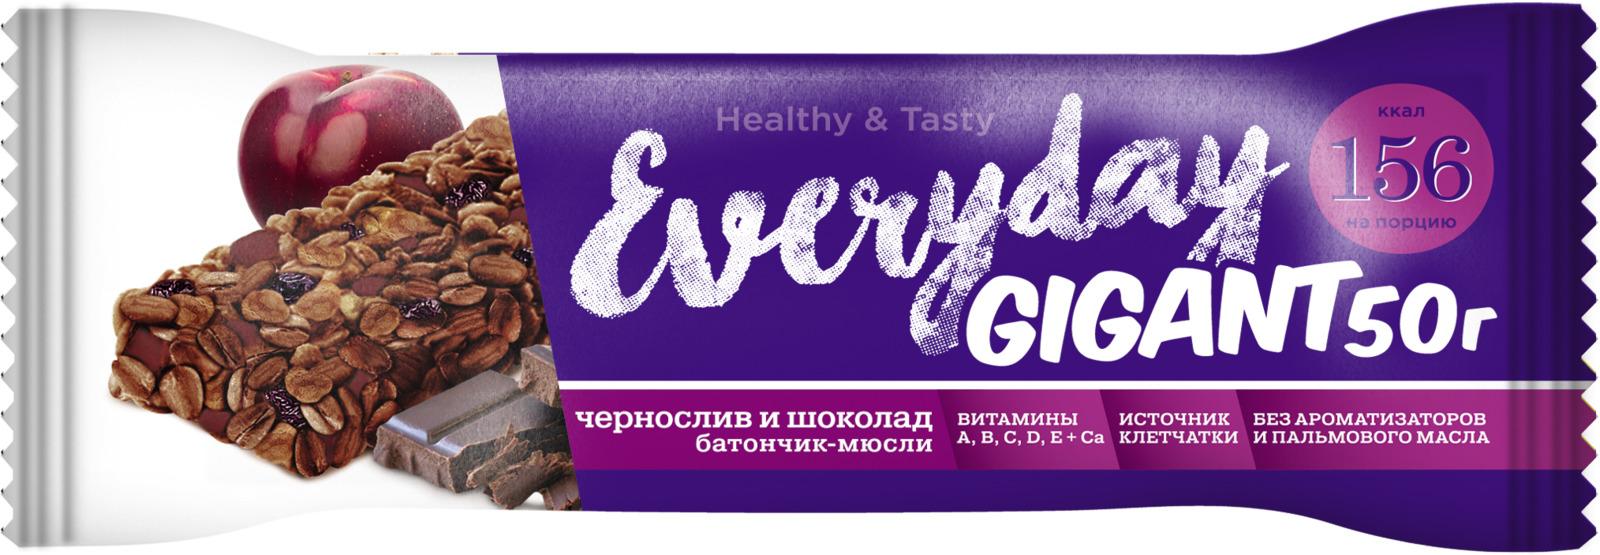 Батончик Everyday Gigant, чернослив, шоколад, 50 г цена в Москве и Питере